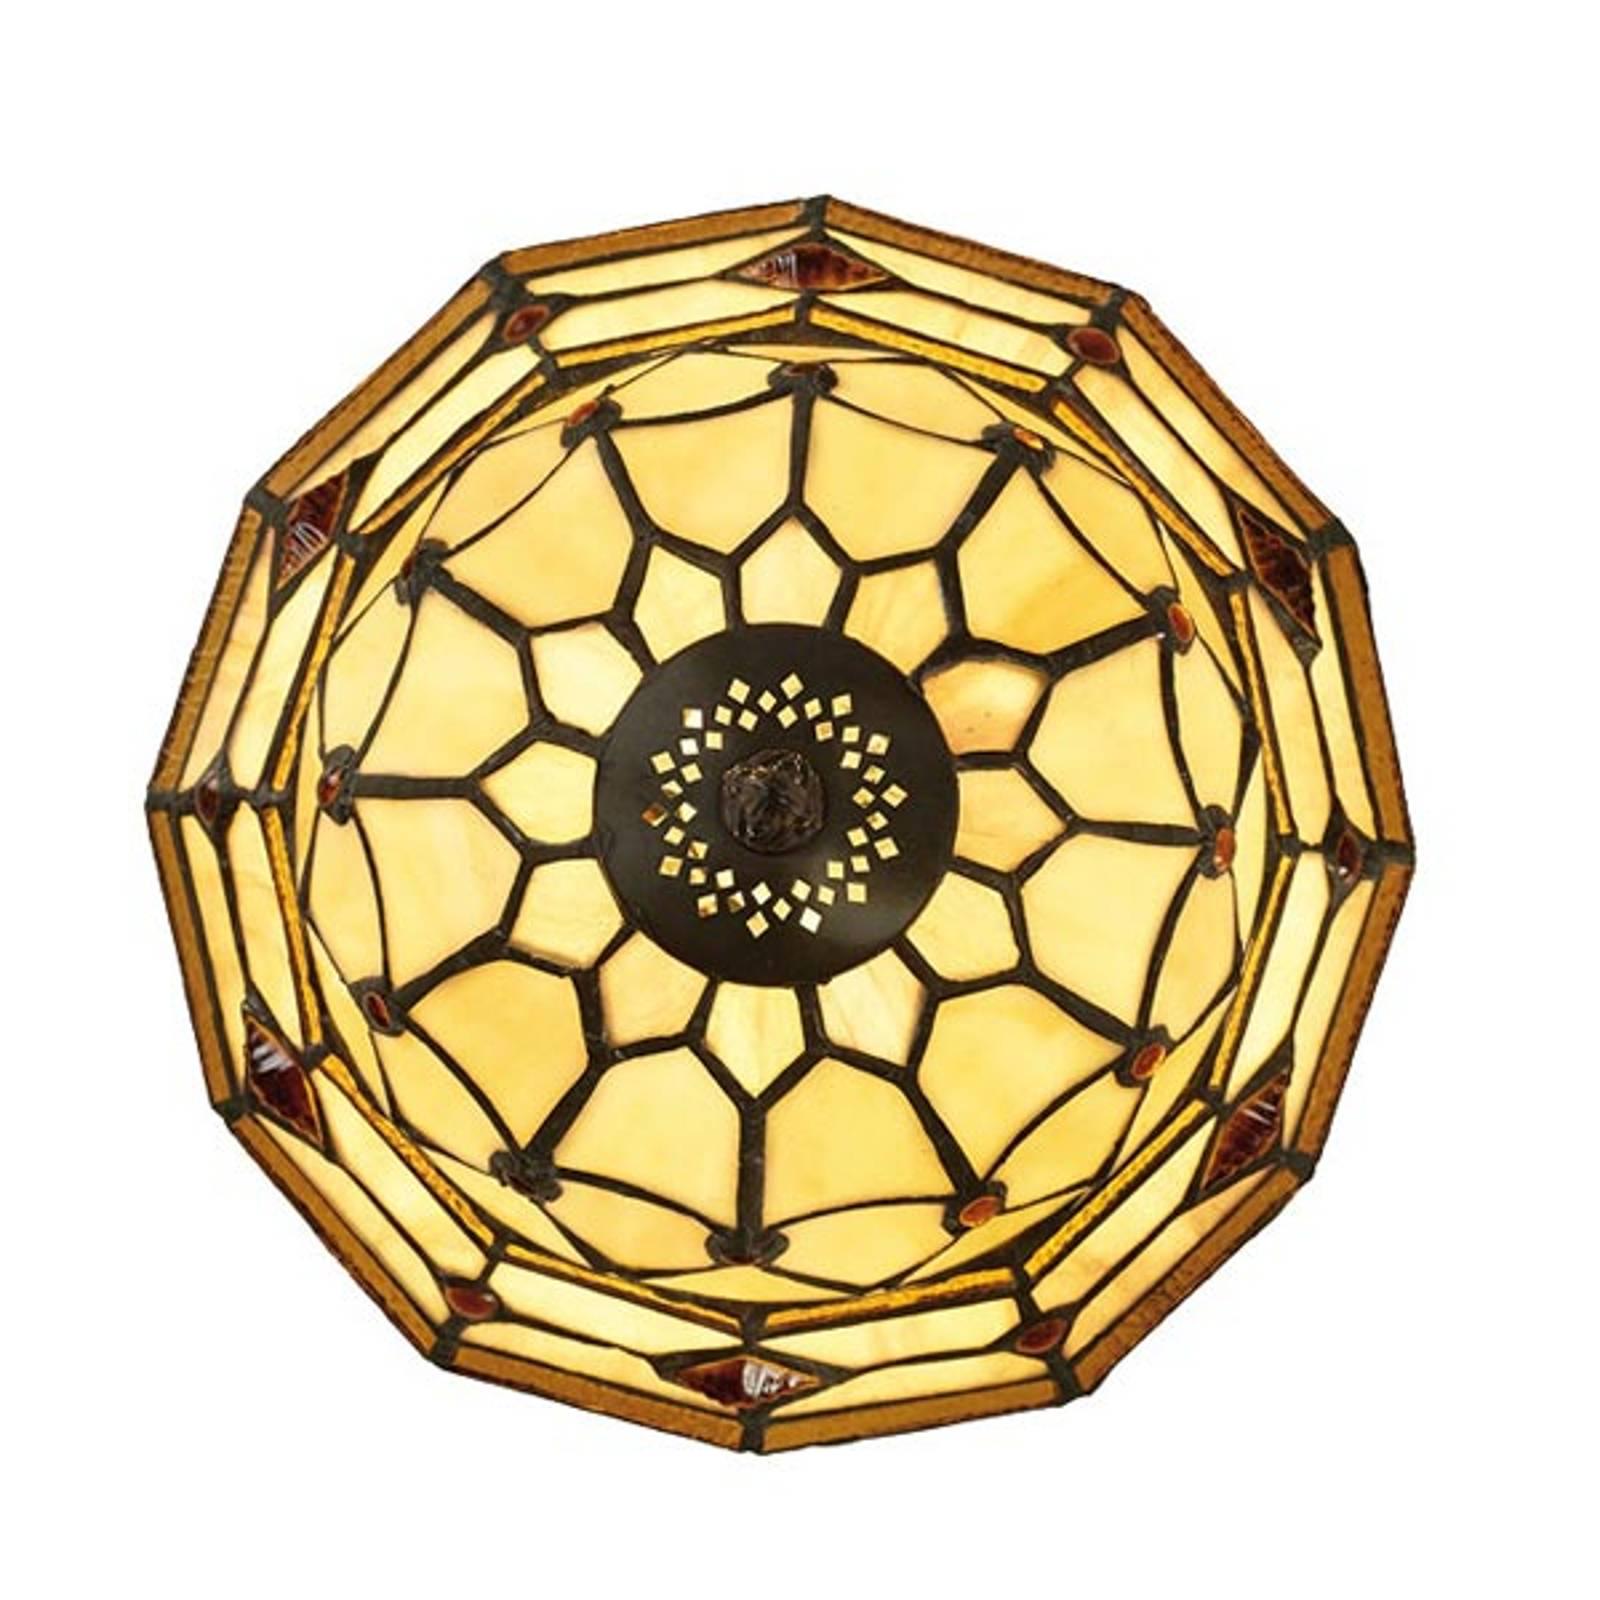 LED-Deckenleuchte Jarai in bunter Tiffany-Optik